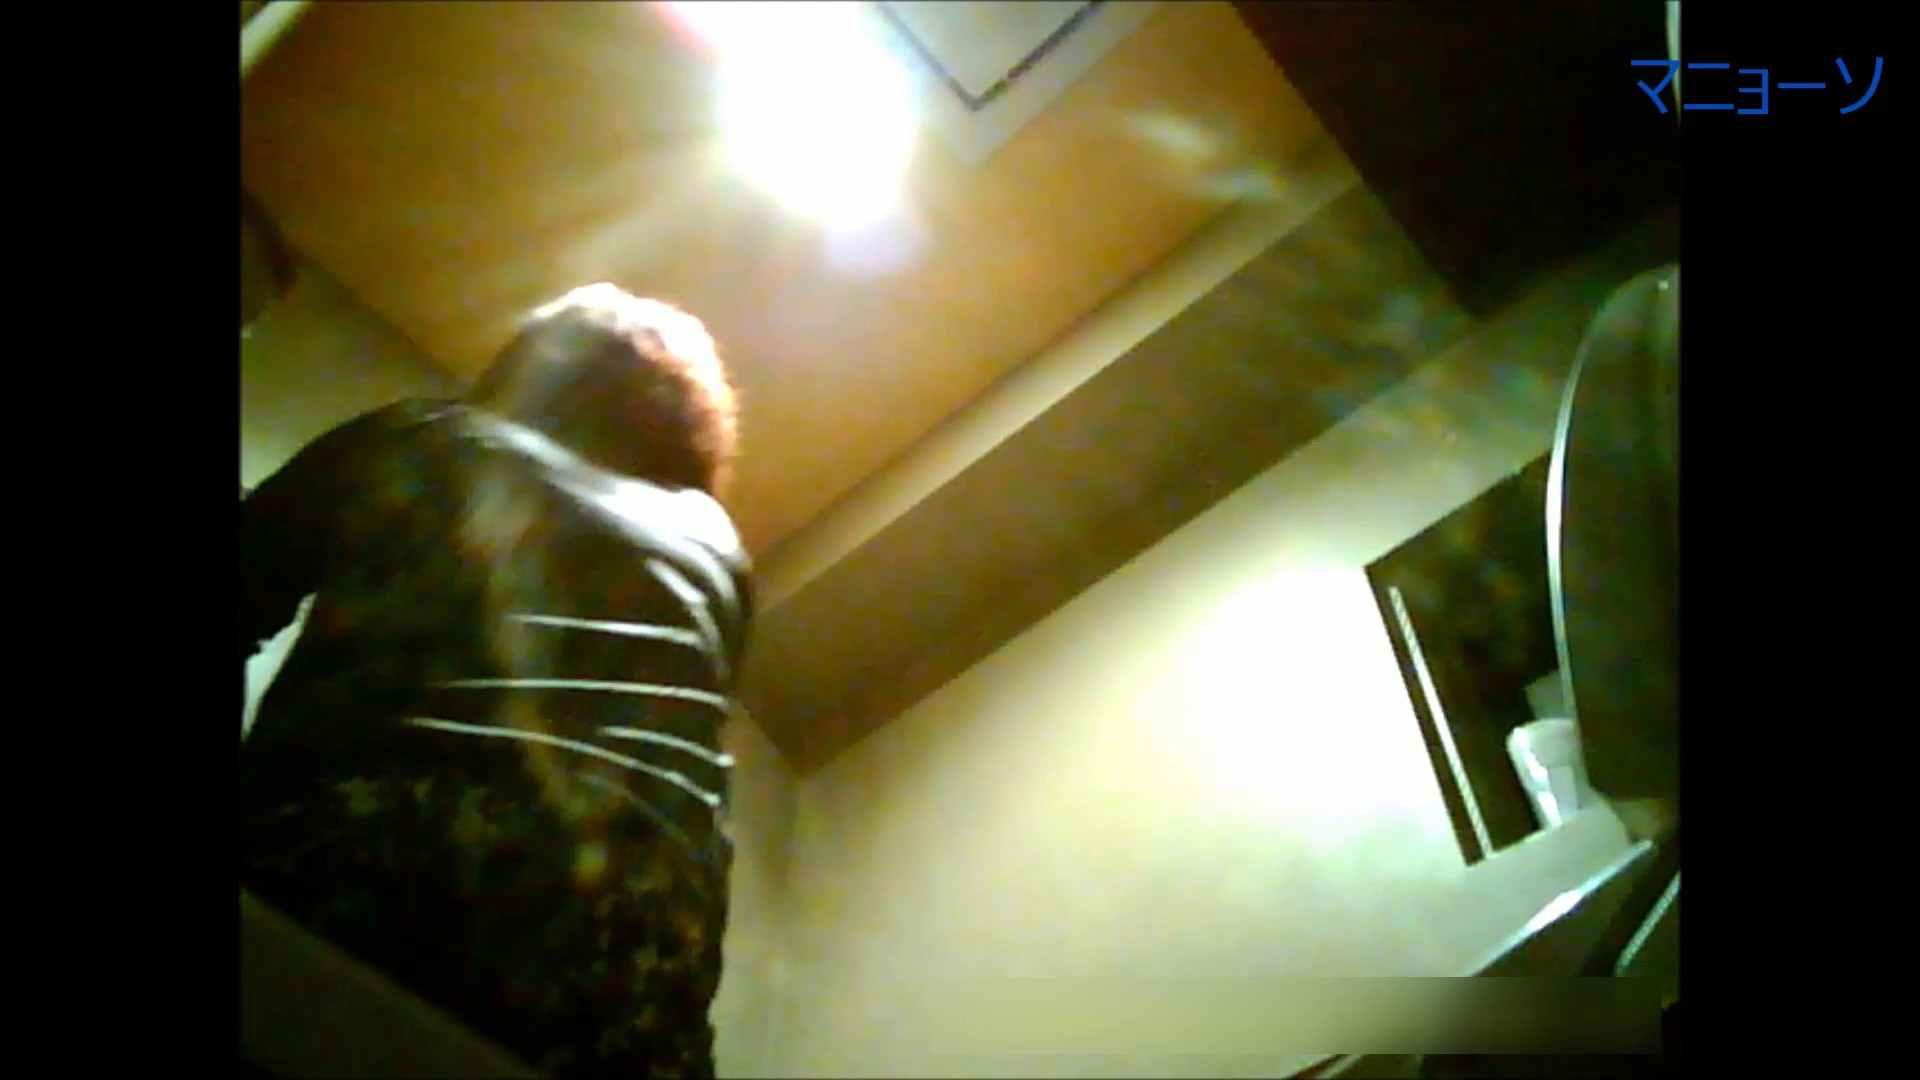 トイレでひと肌脱いでもらいました (番外編)Vol.01 トイレの実態   OLのボディ  87PIX 73